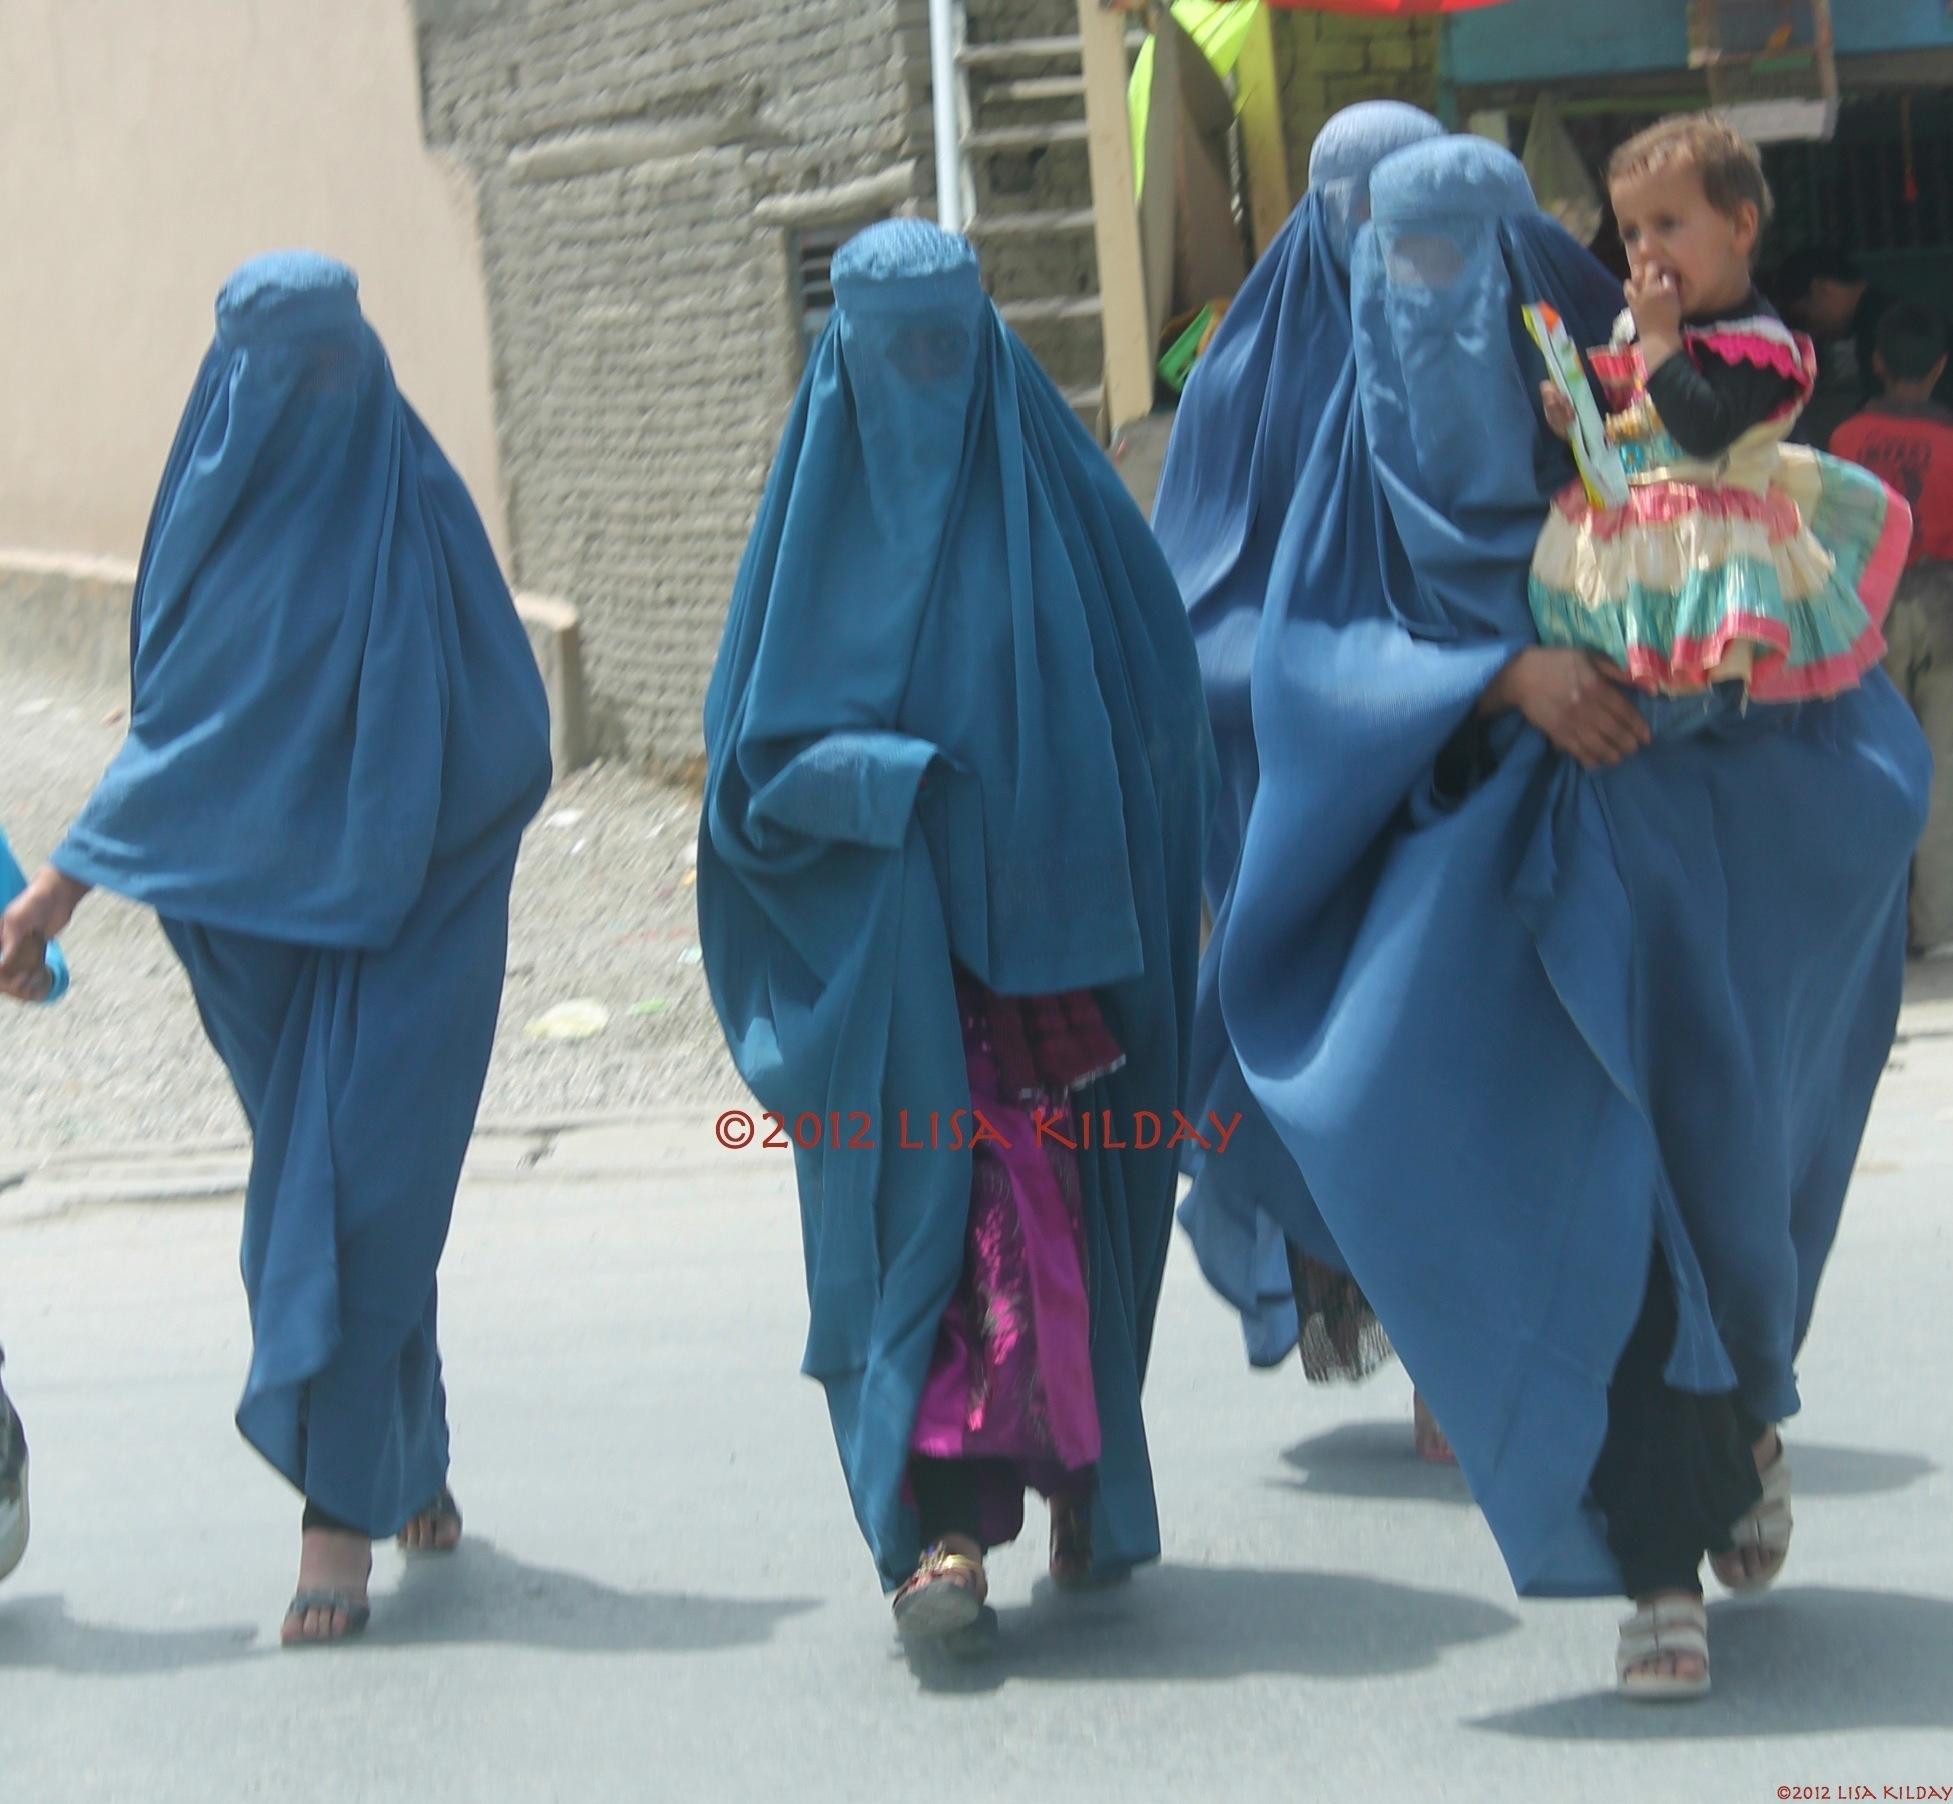 Three Burkas and a Baby